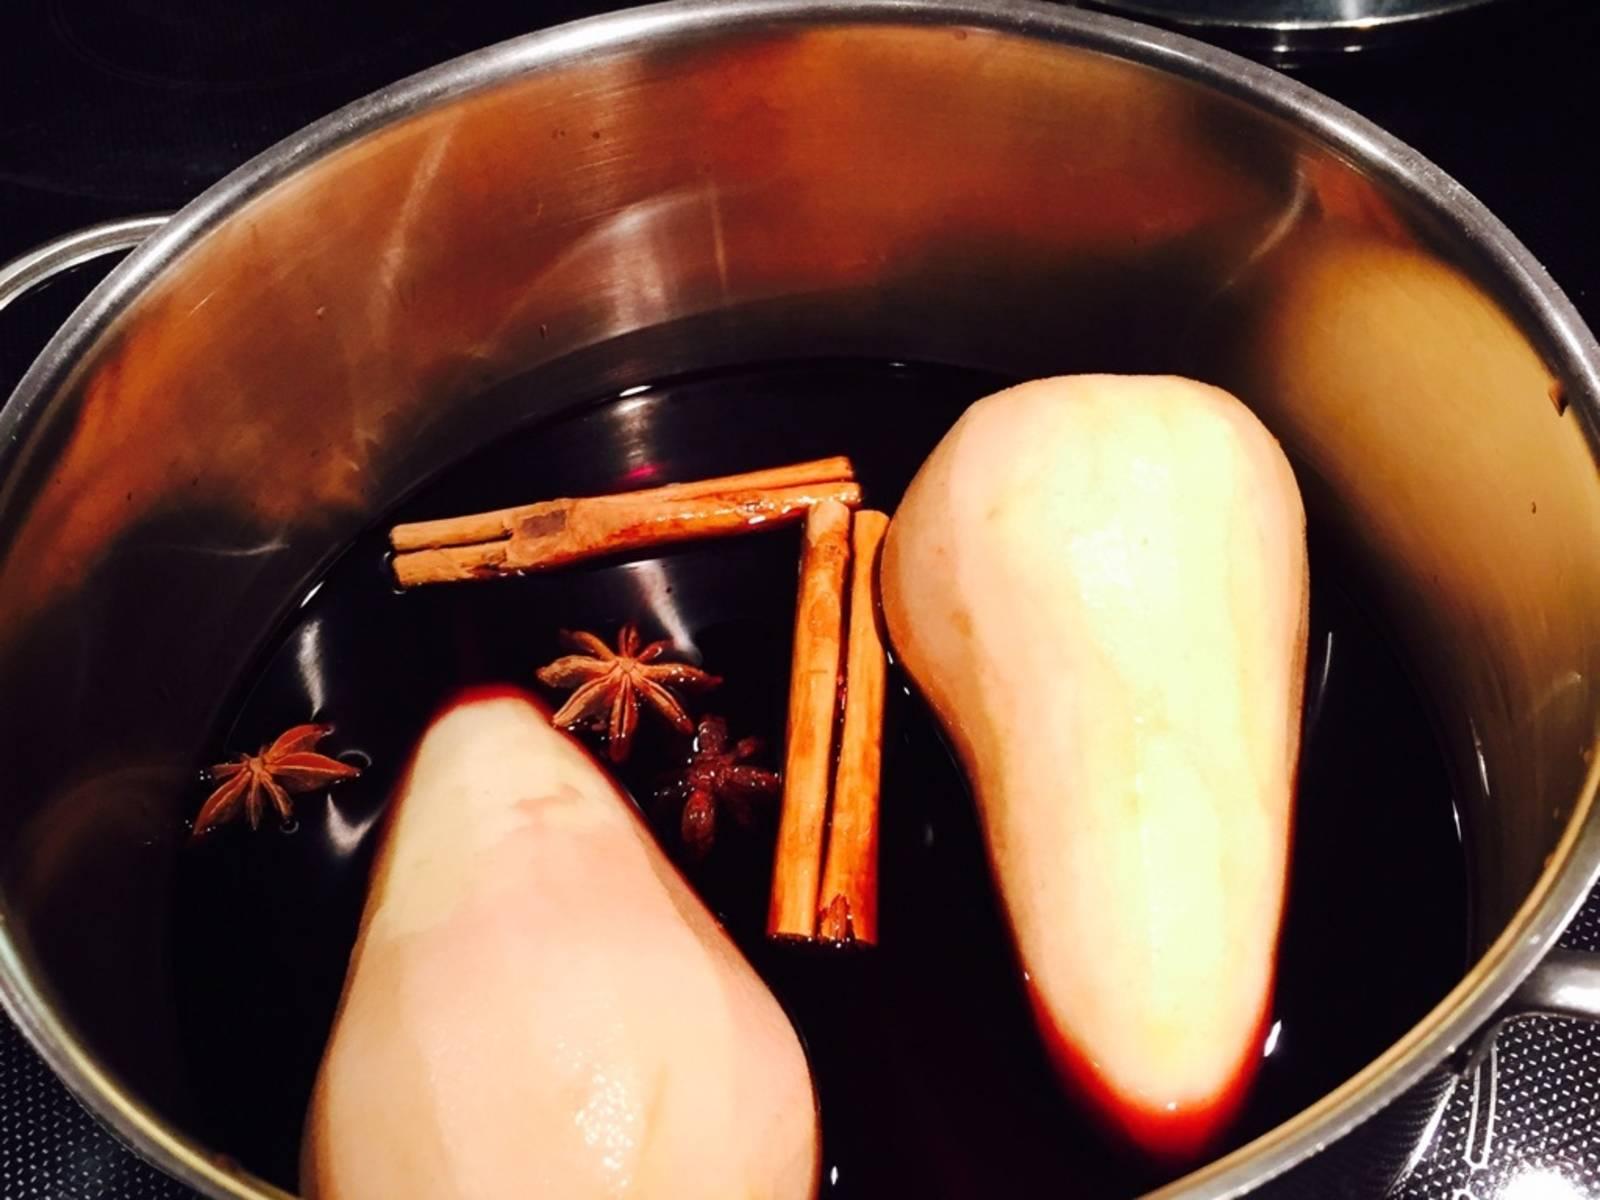 梨削皮。往锅中倒入红酒,放梨、糖、肉桂和八角茴香。